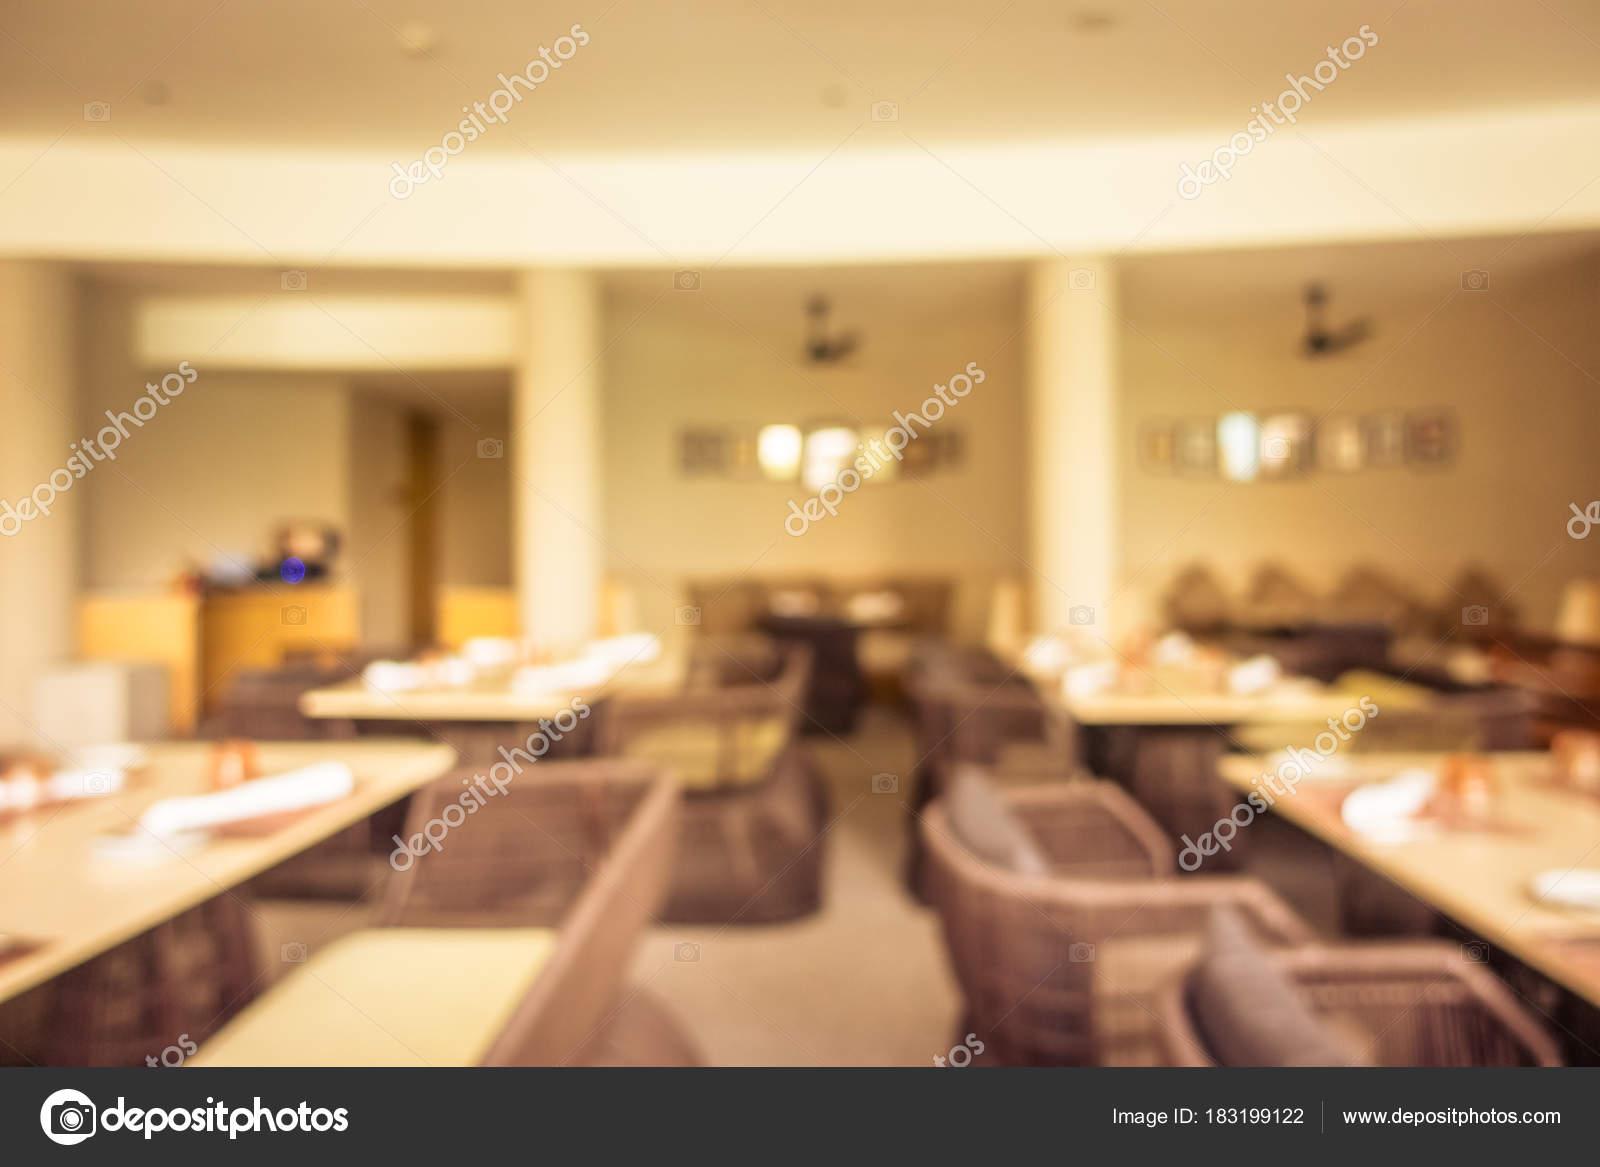 Resumen blur restaurante y cafetería cafetería interior — Foto de ...